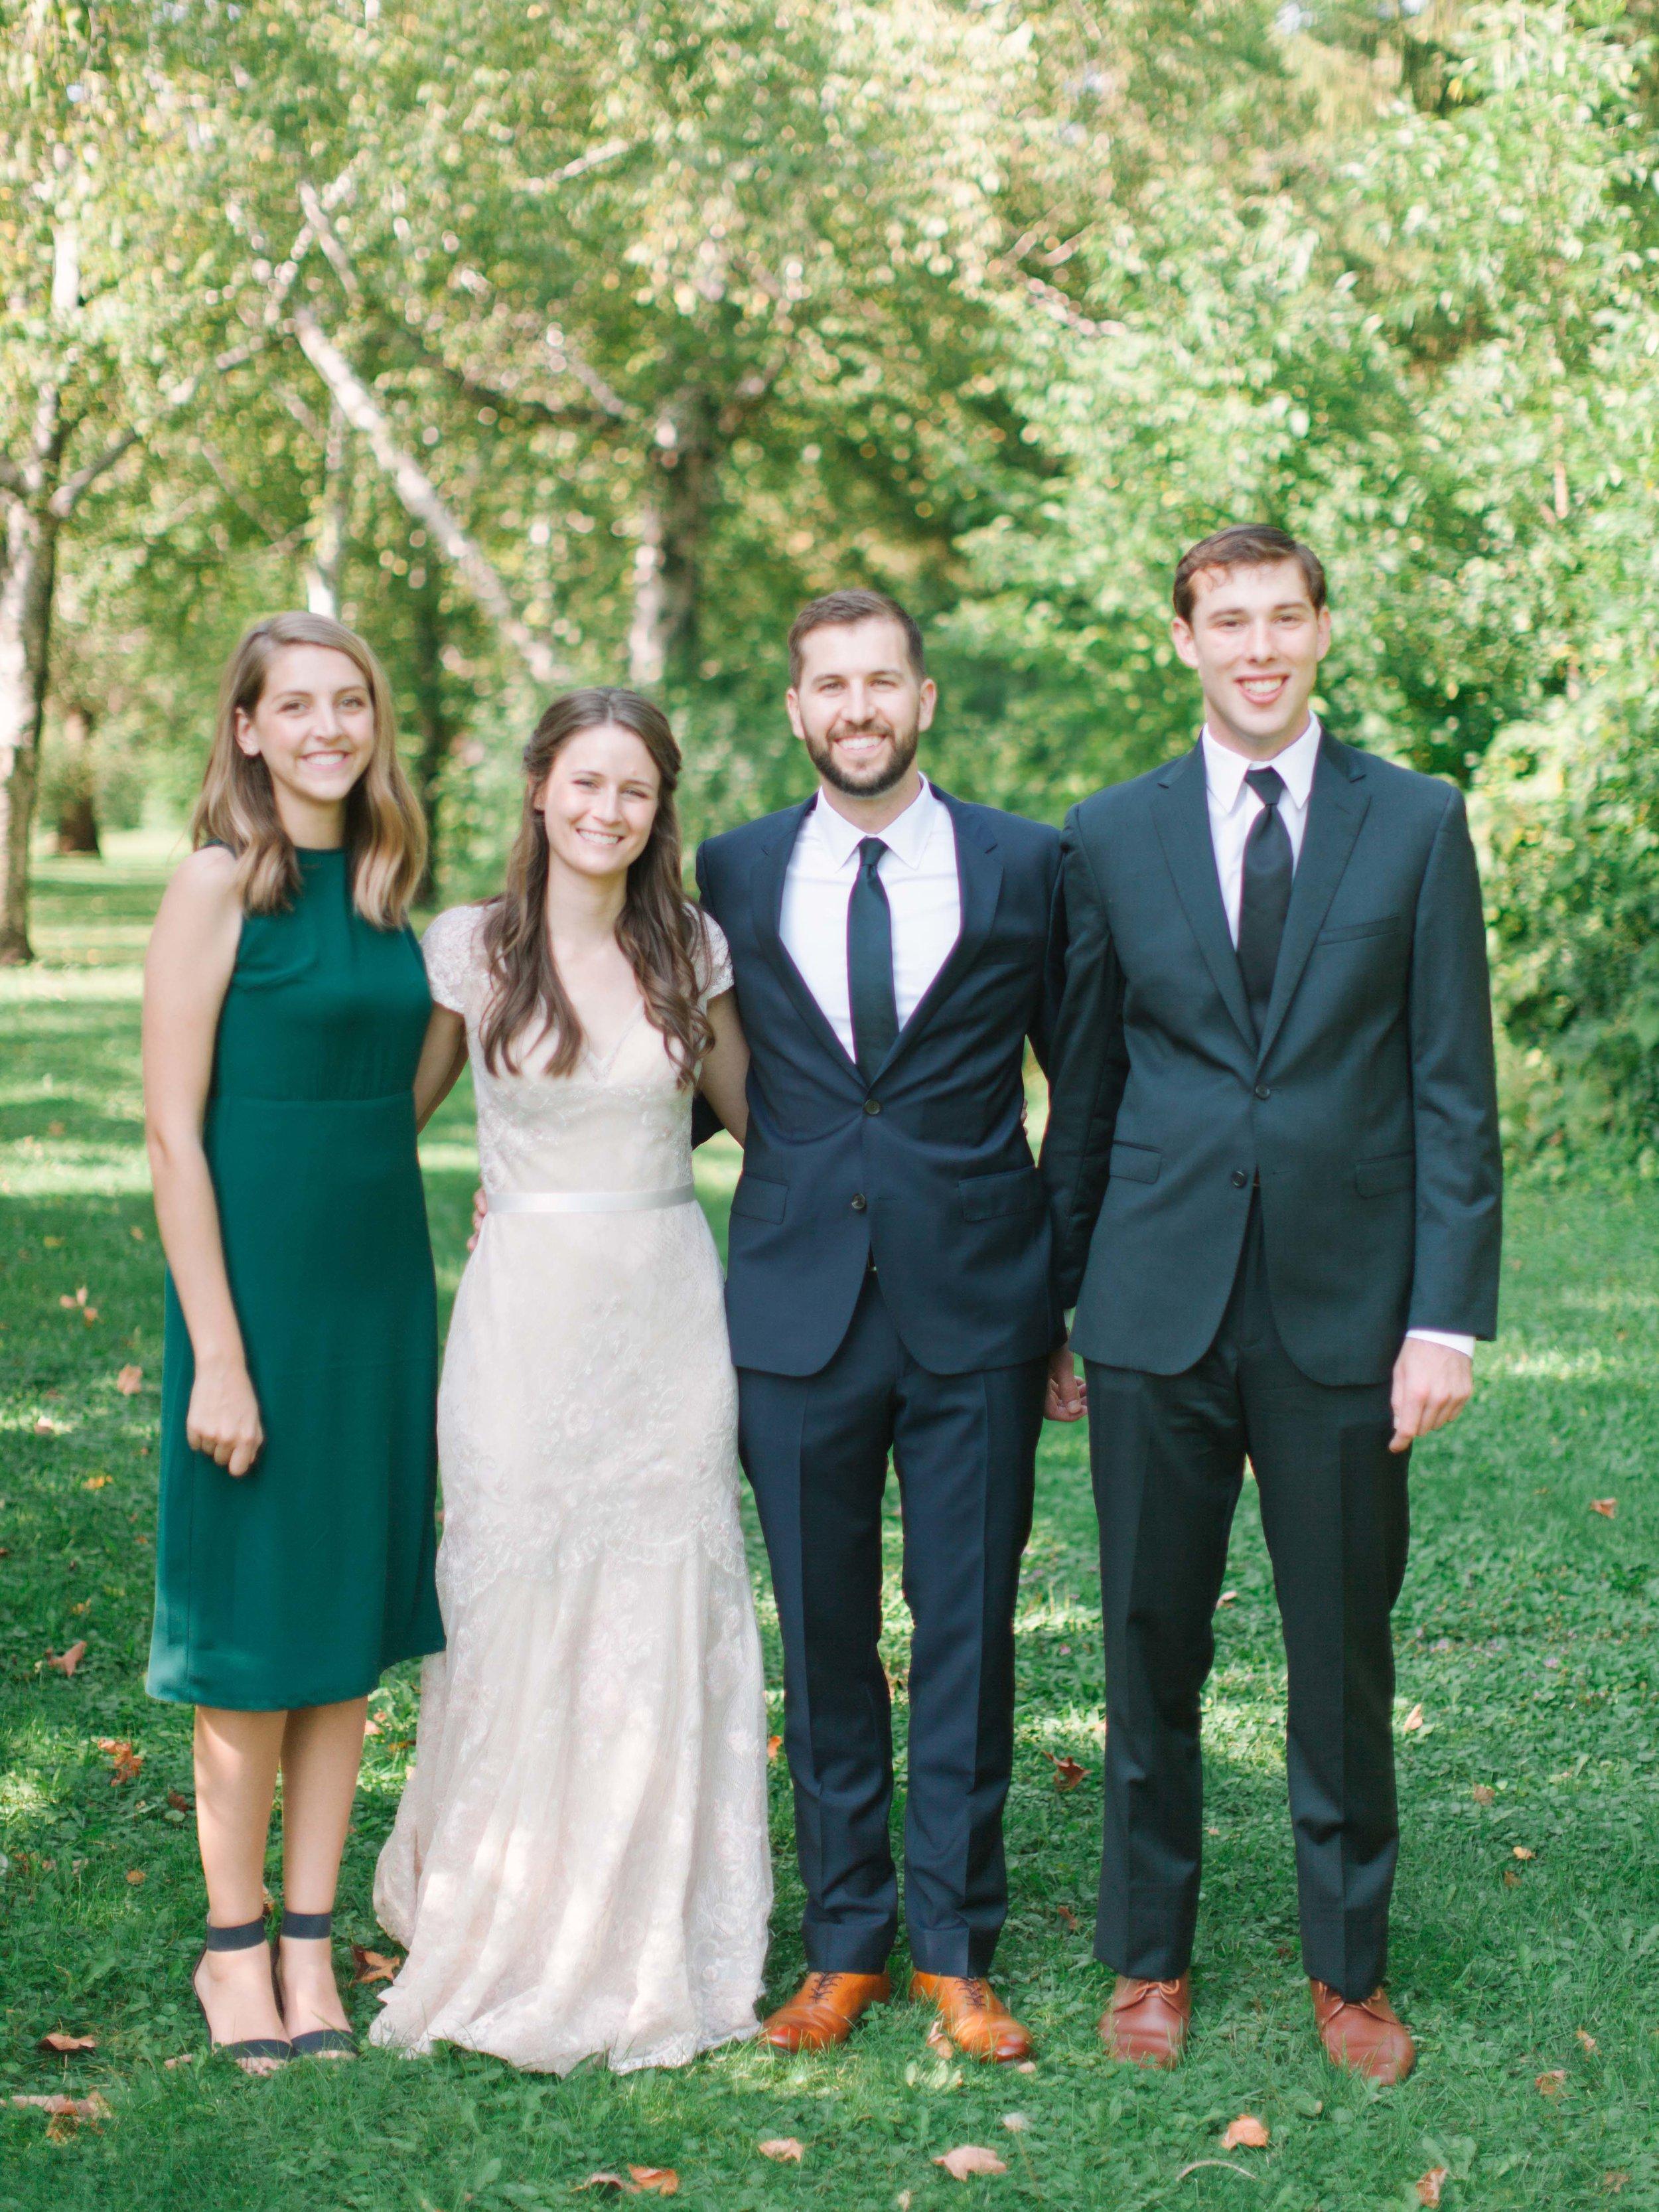 kateweinsteinphoto_clairewillie_wedding-216.jpg